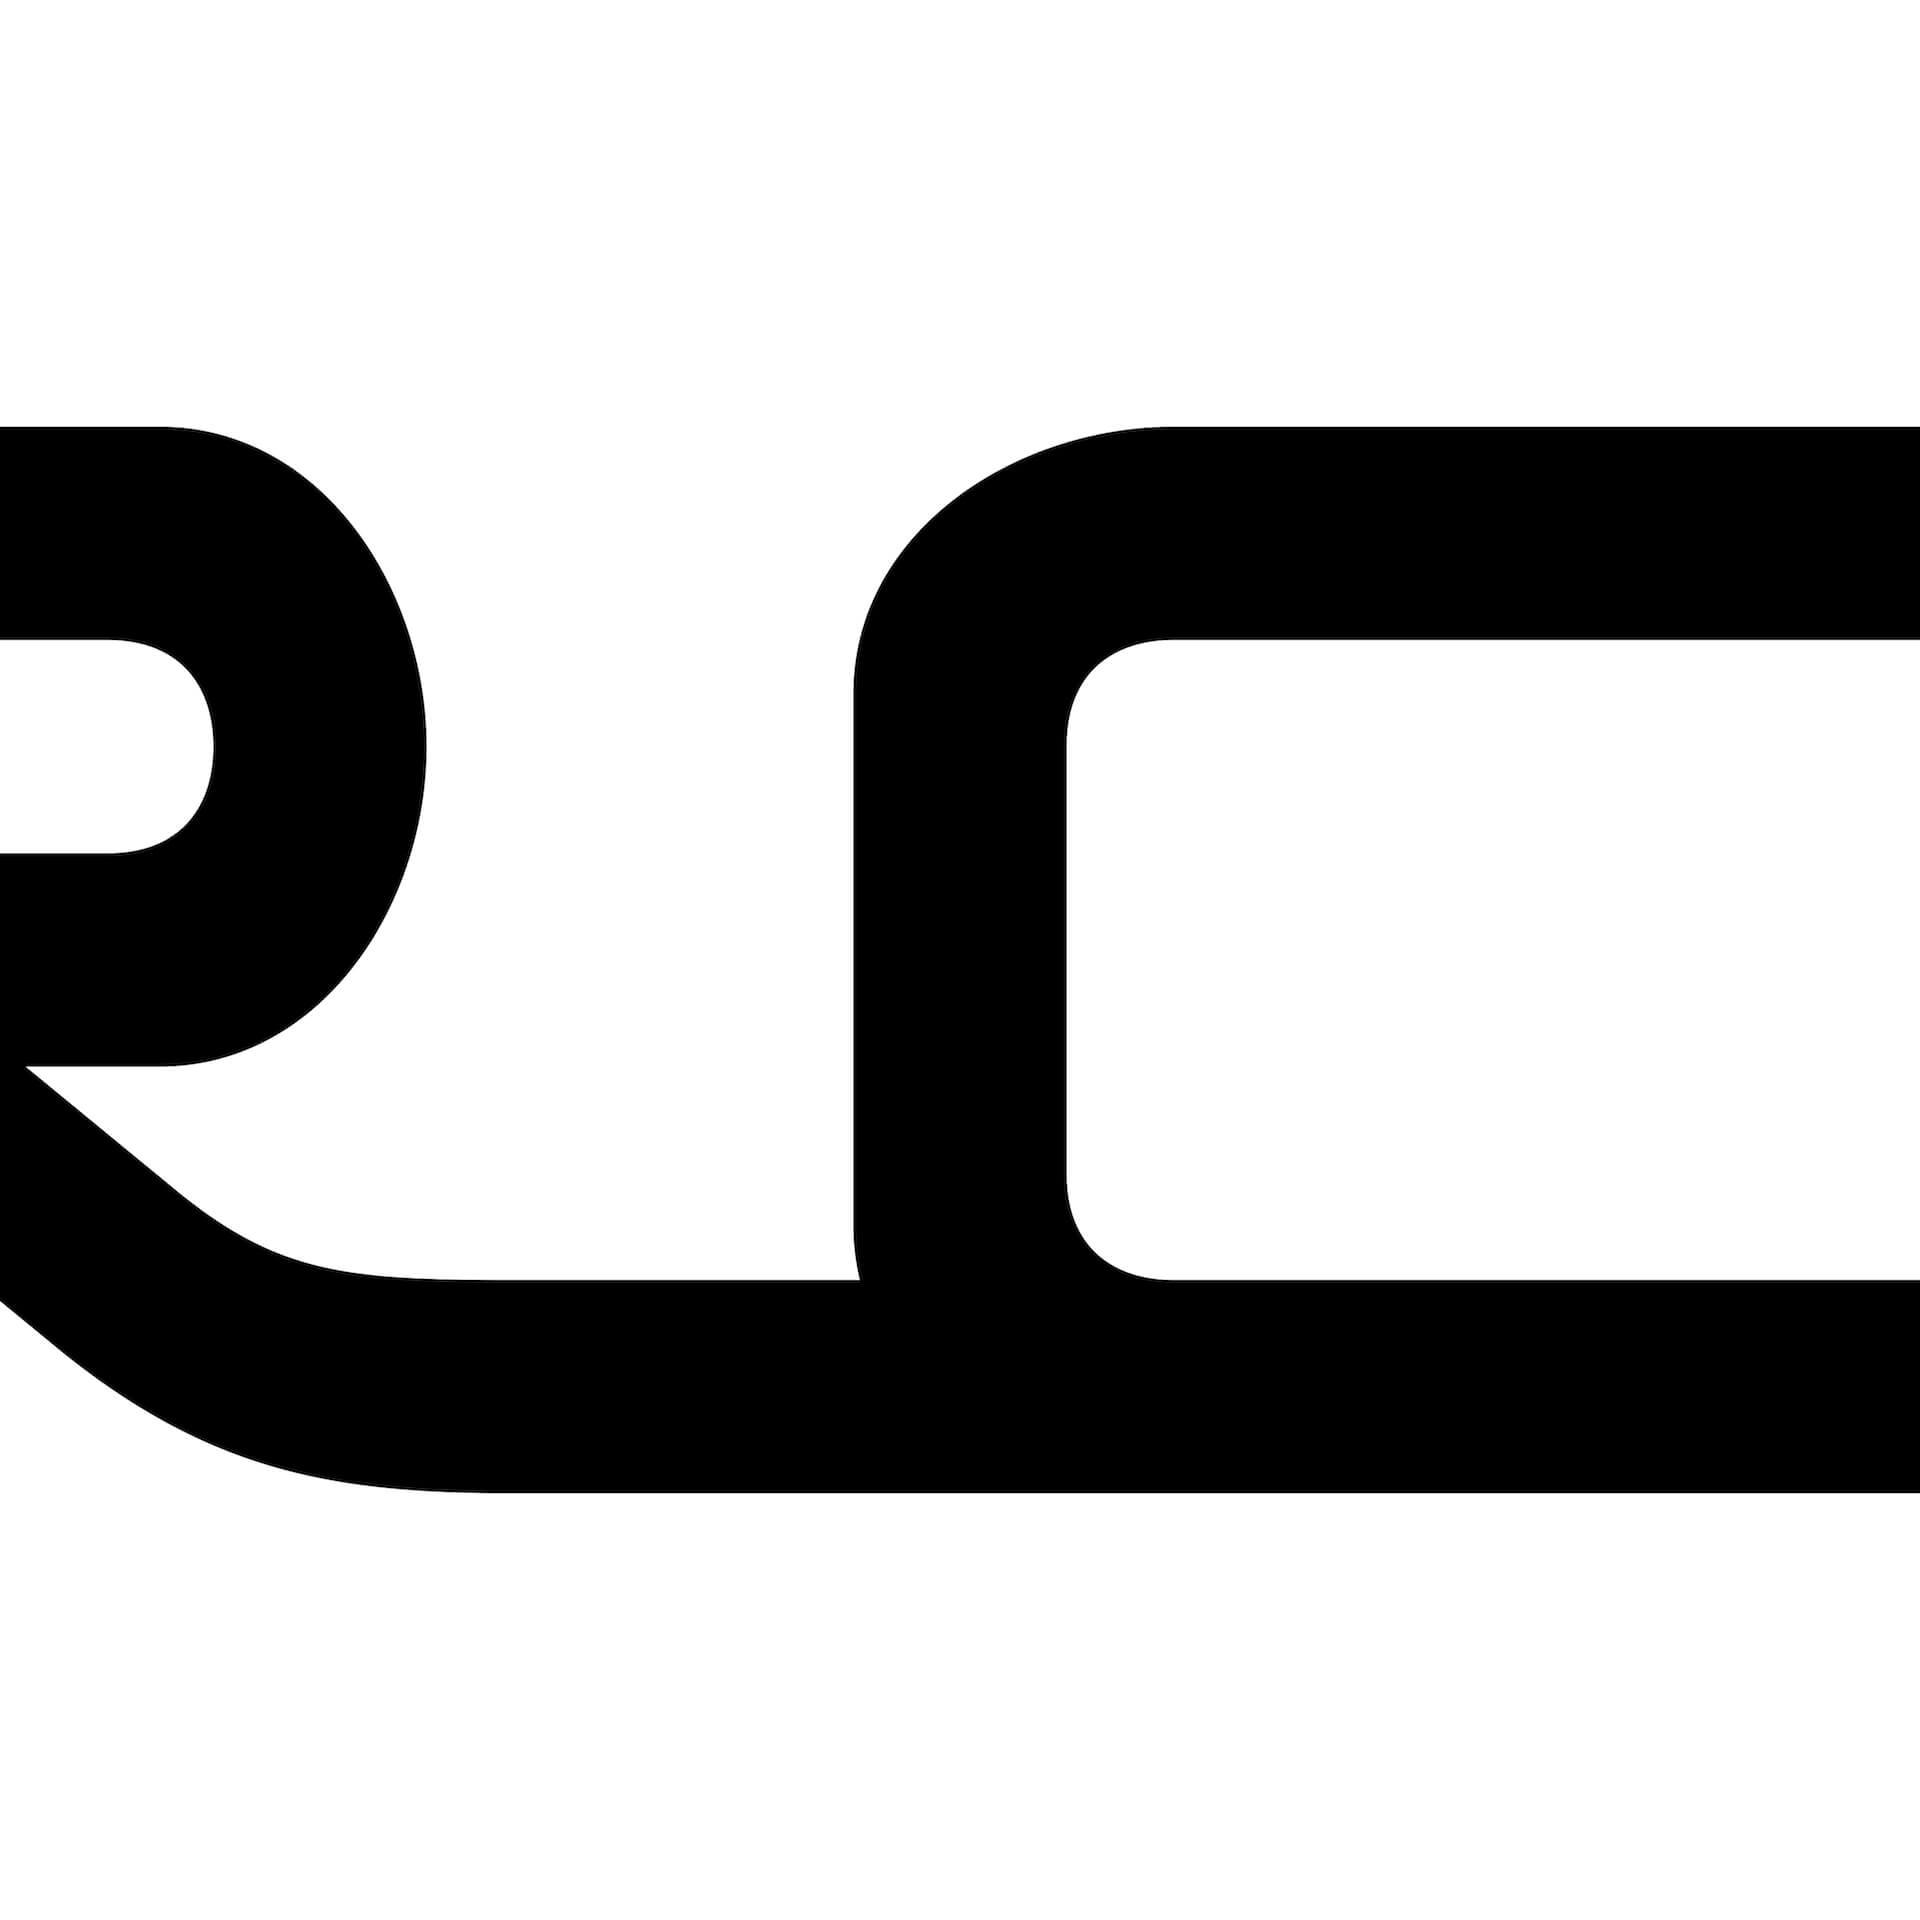 坂本龍一とのコラボでも知られるAlva Notoのゼロックス・シリーズ最新作『Xerrox Vol.4』が5年ぶりにリリース決定 music200603_alvanoto_1